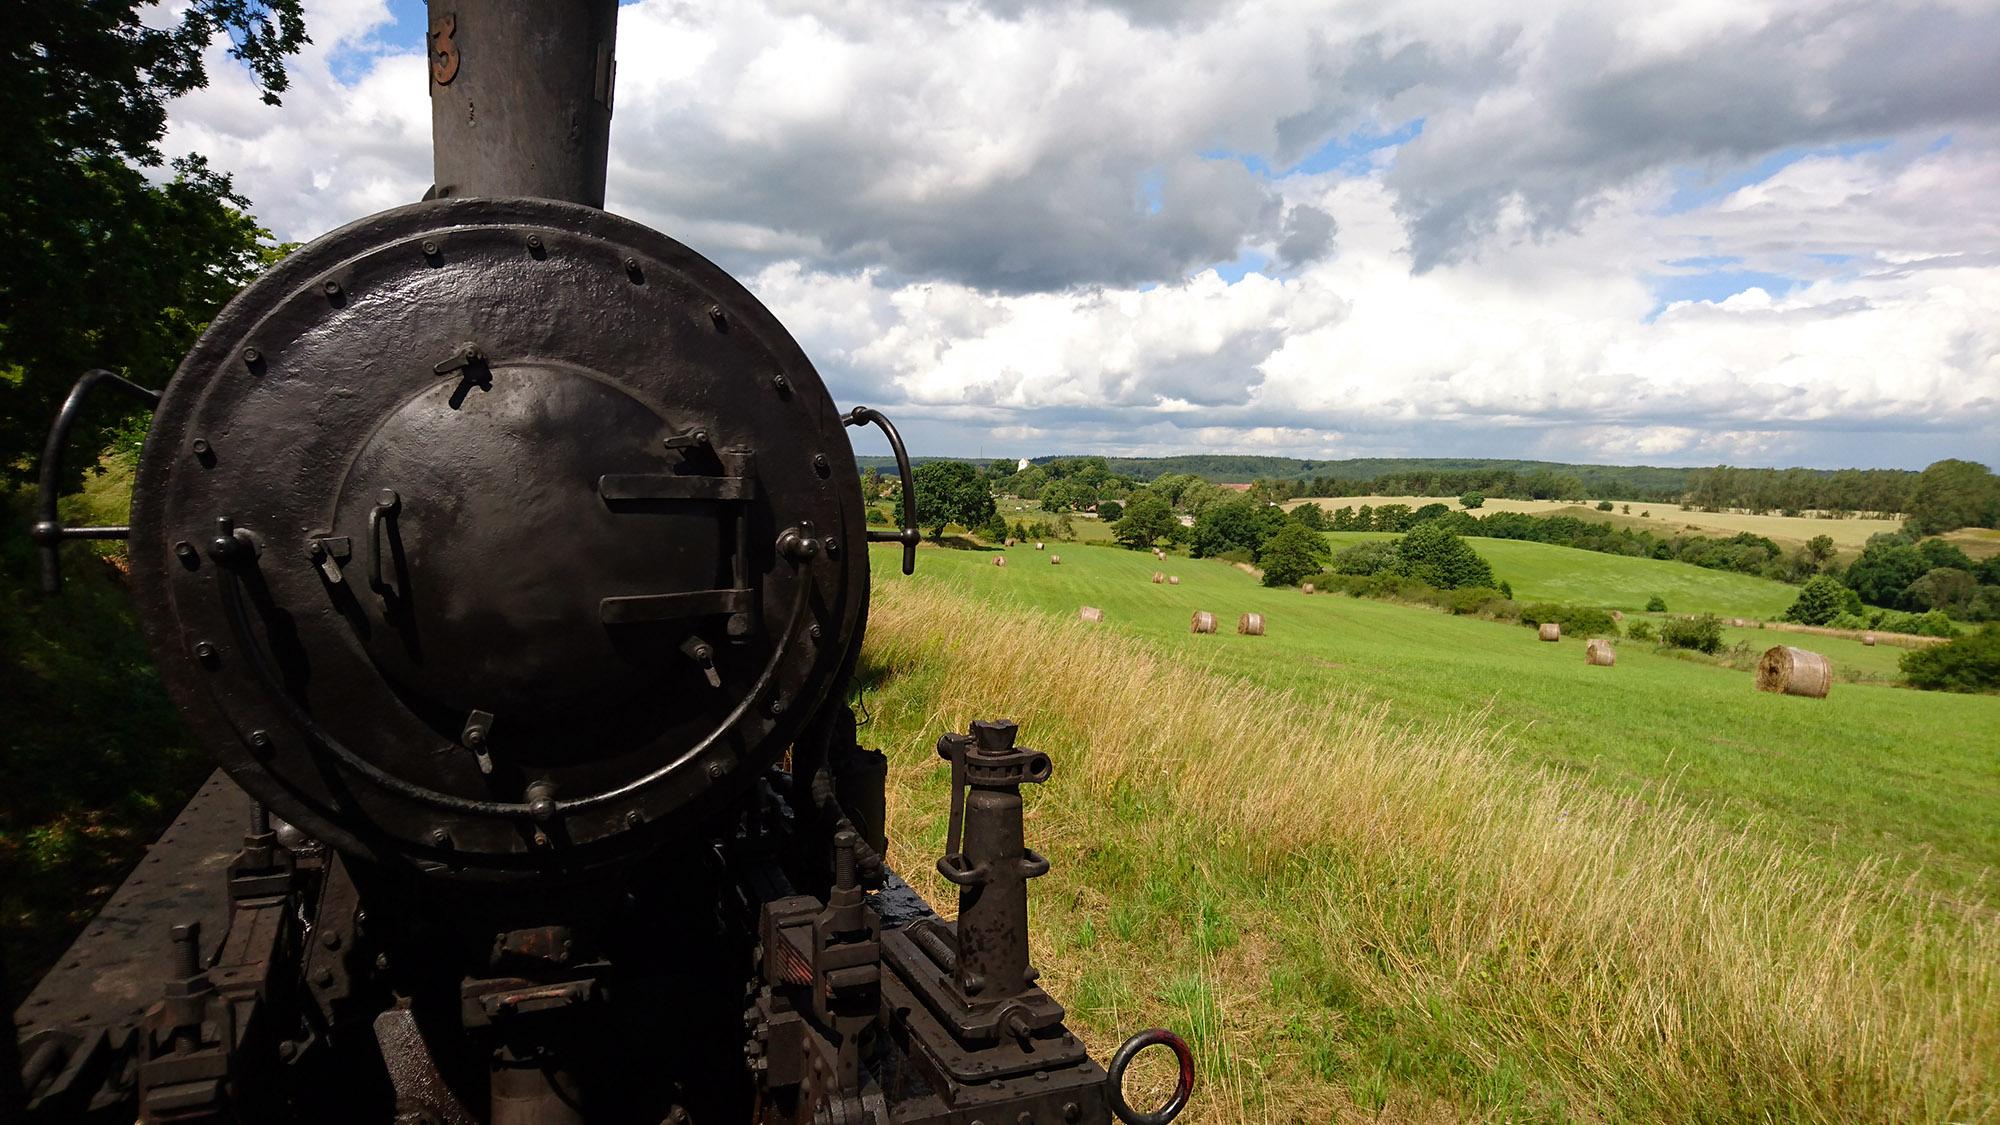 Ångtåget far fram långt från allmänna färdvägar, genom ett landskap som är väldigt vackert.